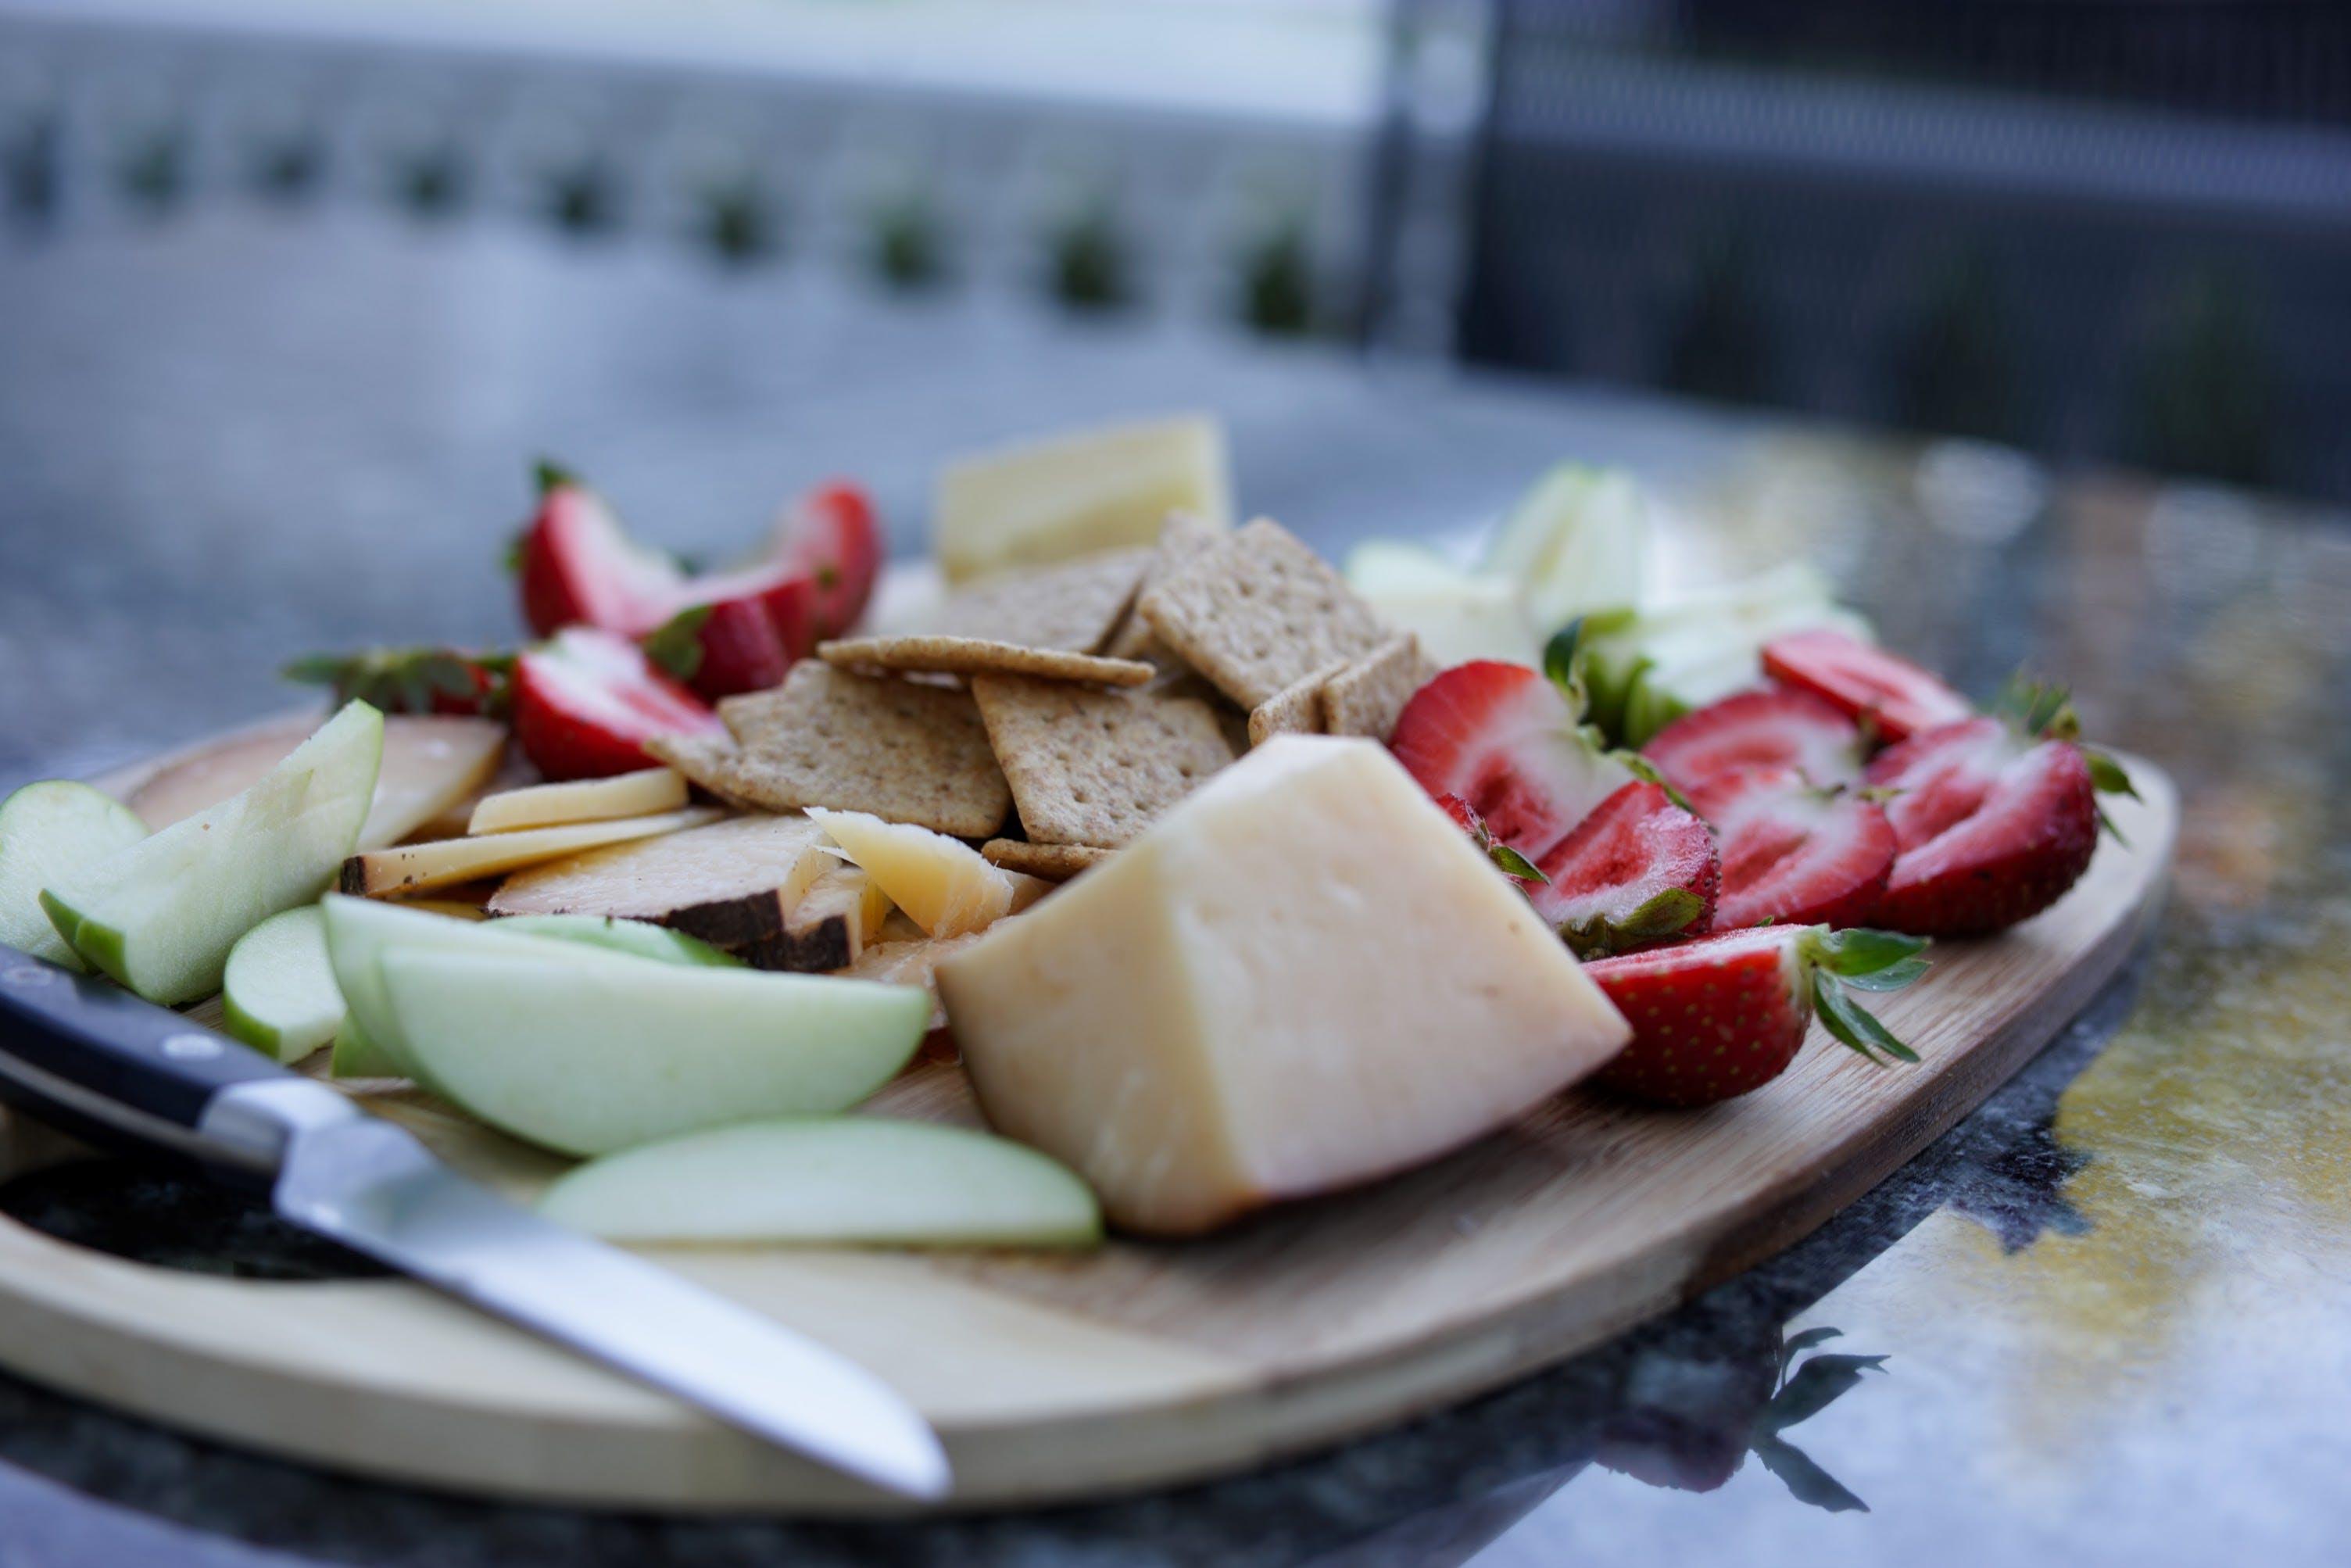 Free stock photo of cheese, cheeseplate, strawberries